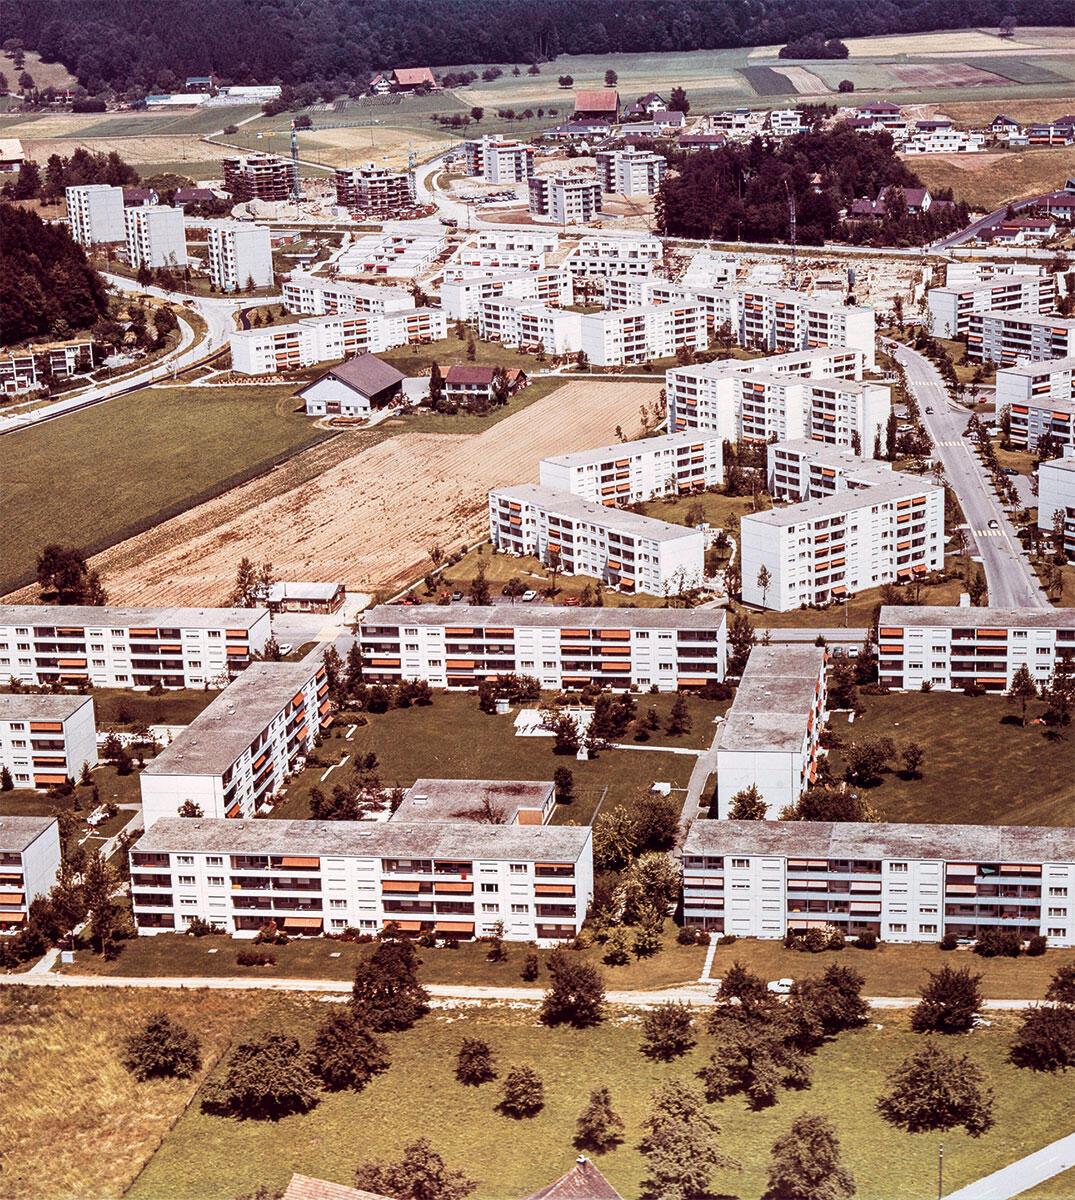 Siedlung Sunnebüel in Volketswil, die einem repetierbaren städtebaulichen Muster folgt. Bild: ETH Bibliothek Zürich / Stiftung Luftbild Schweiz / Swissair Photo AG